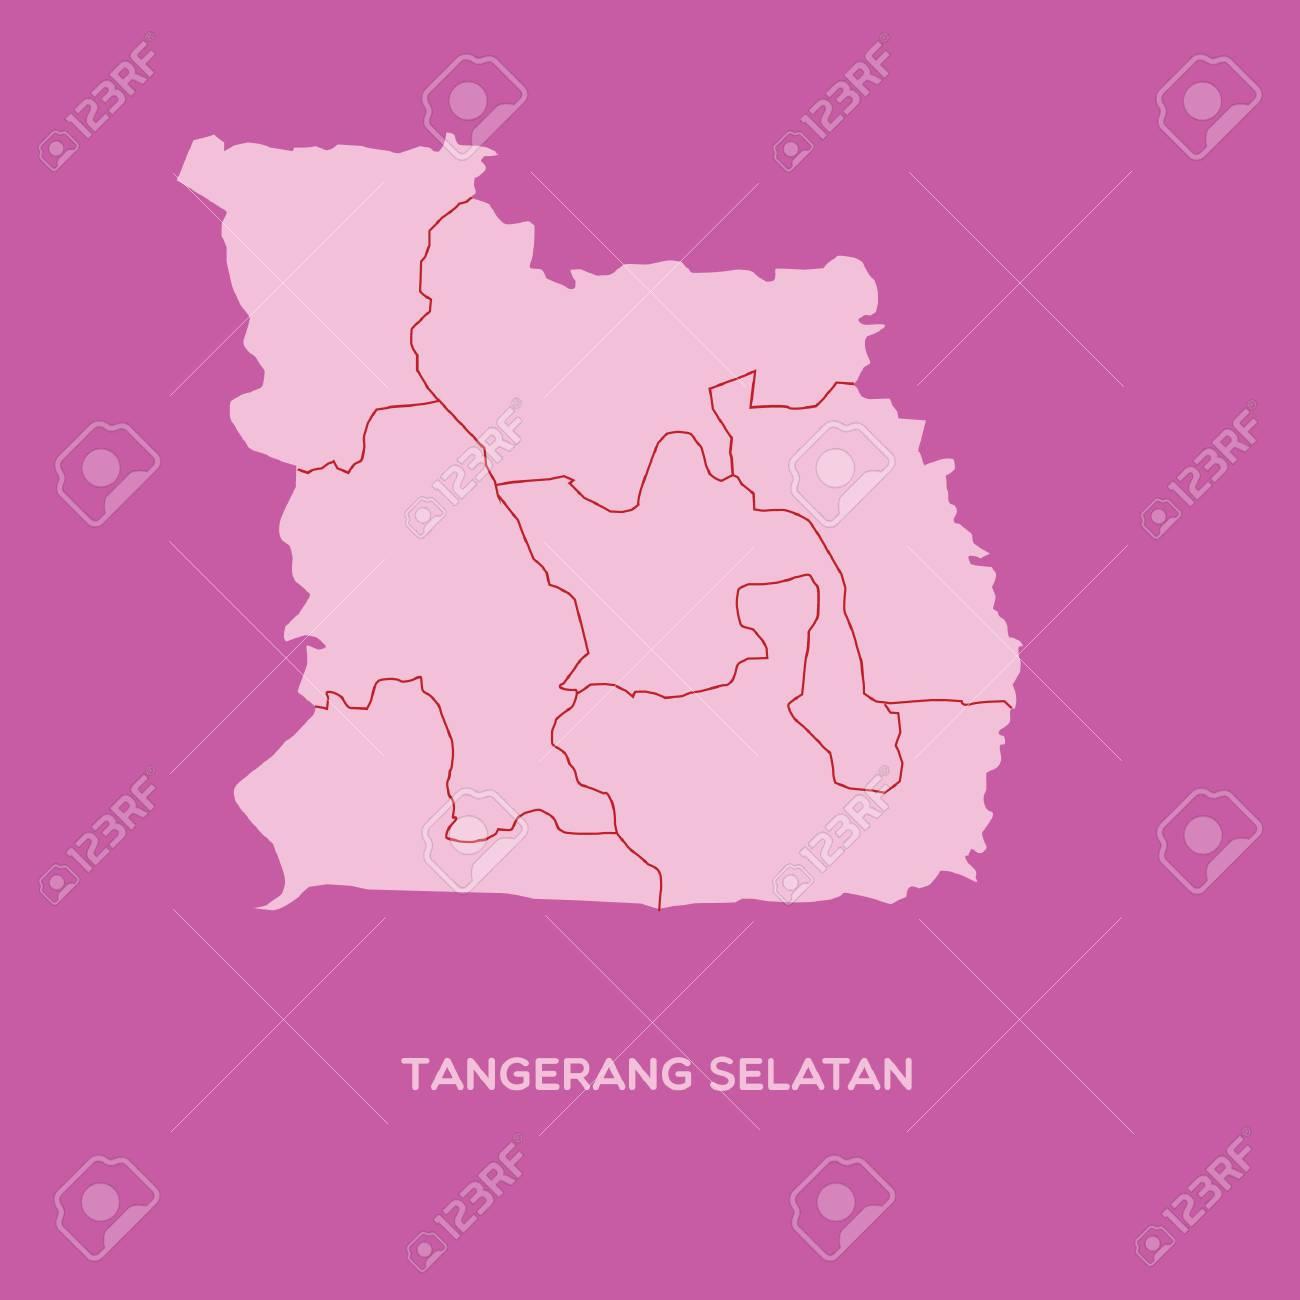 Map Of Tangerang Selatan Royalty Free Cliparts Vectors And Stock